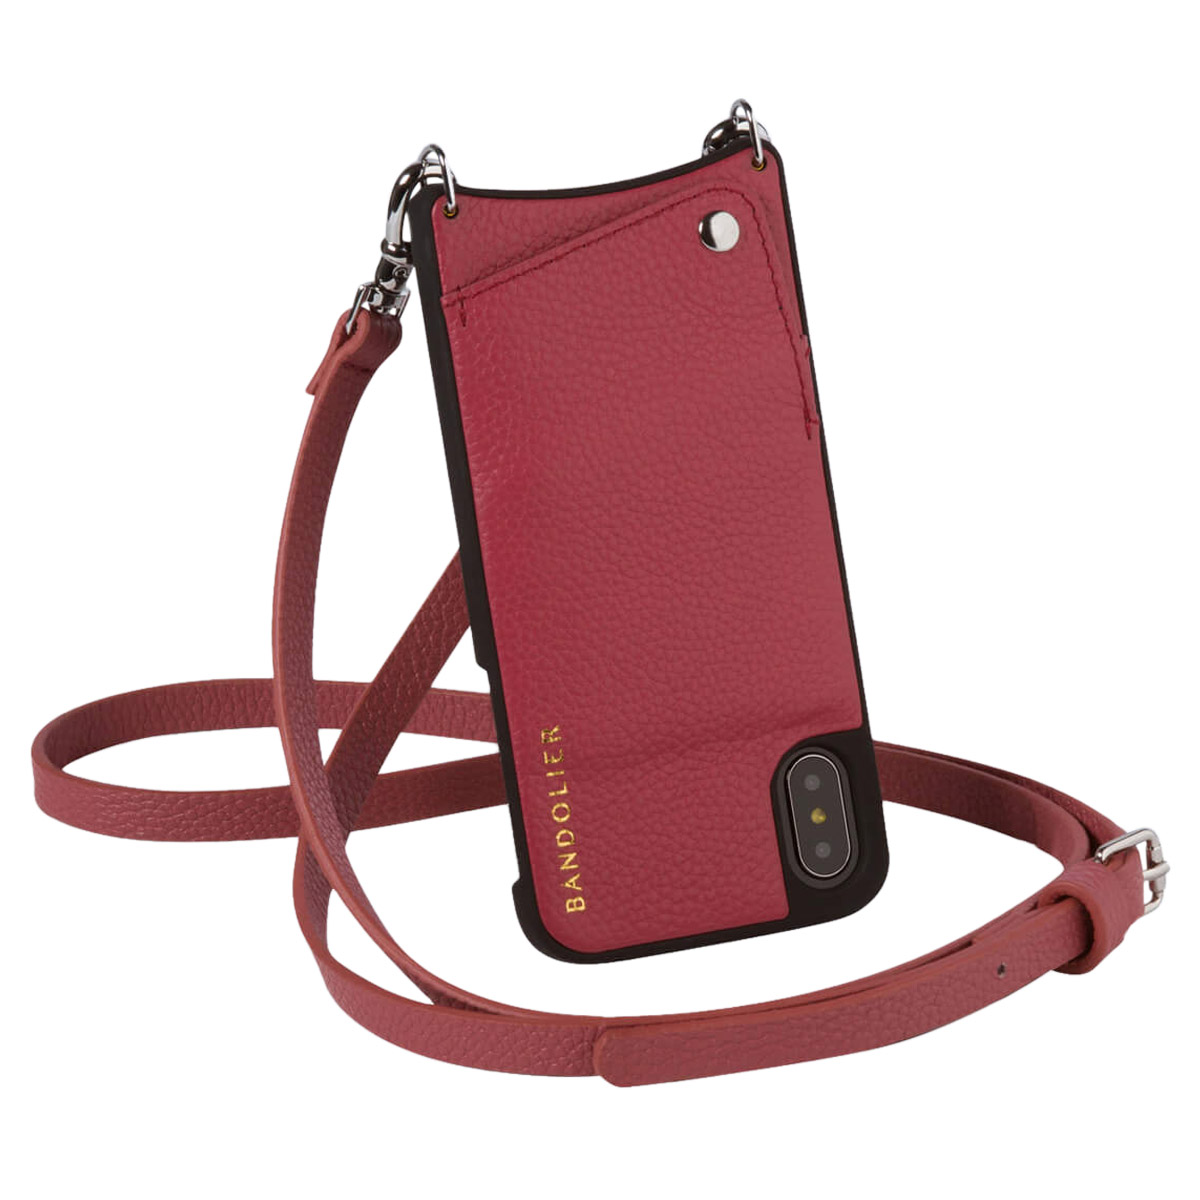 BANDOLIER iPhone XR EMMA MAGENTA RED バンドリヤー ケース ショルダー スマホ アイフォン レザー メンズ レディース マゼンタ レッド 10EMM1001 [4/18 再入荷][194]